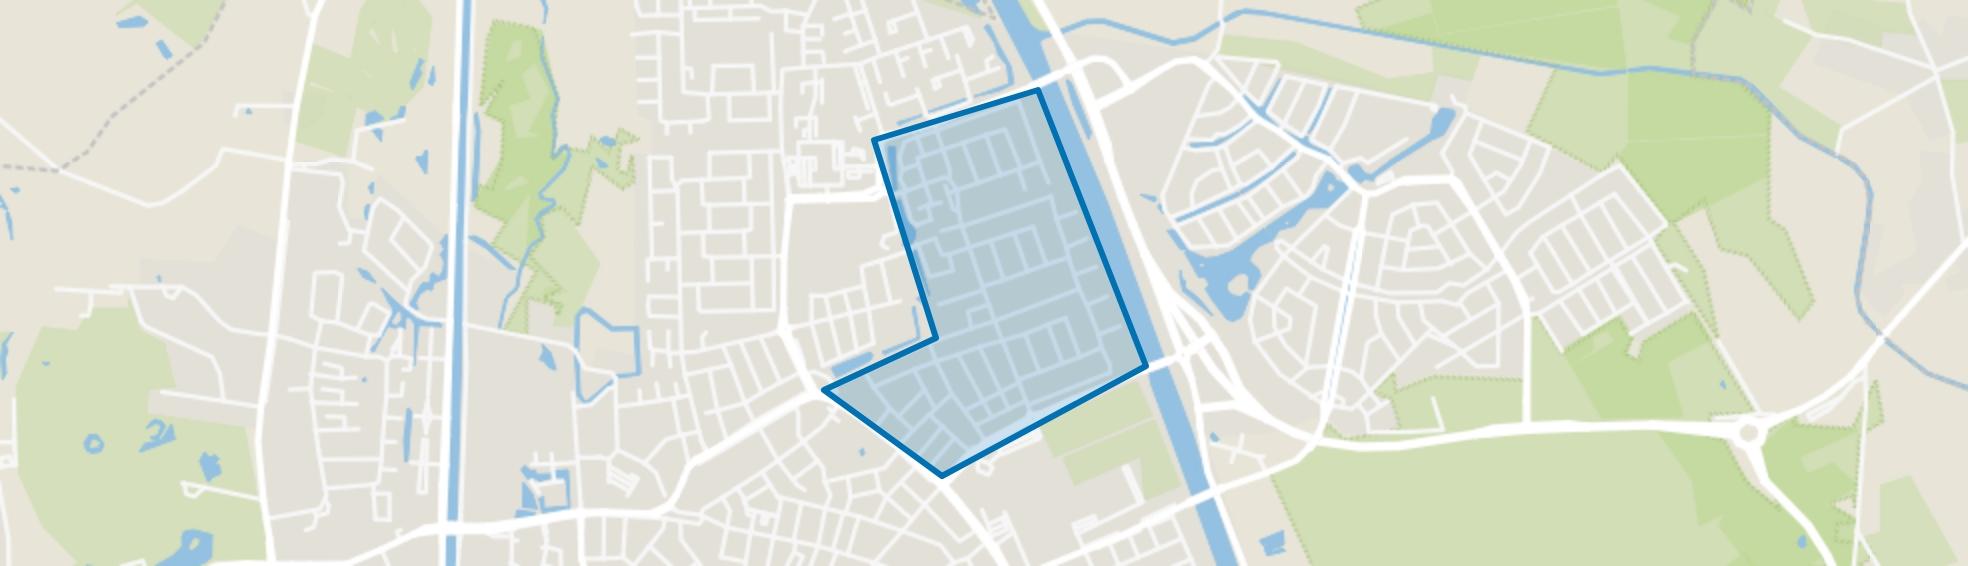 Bloemvelden, Helmond map